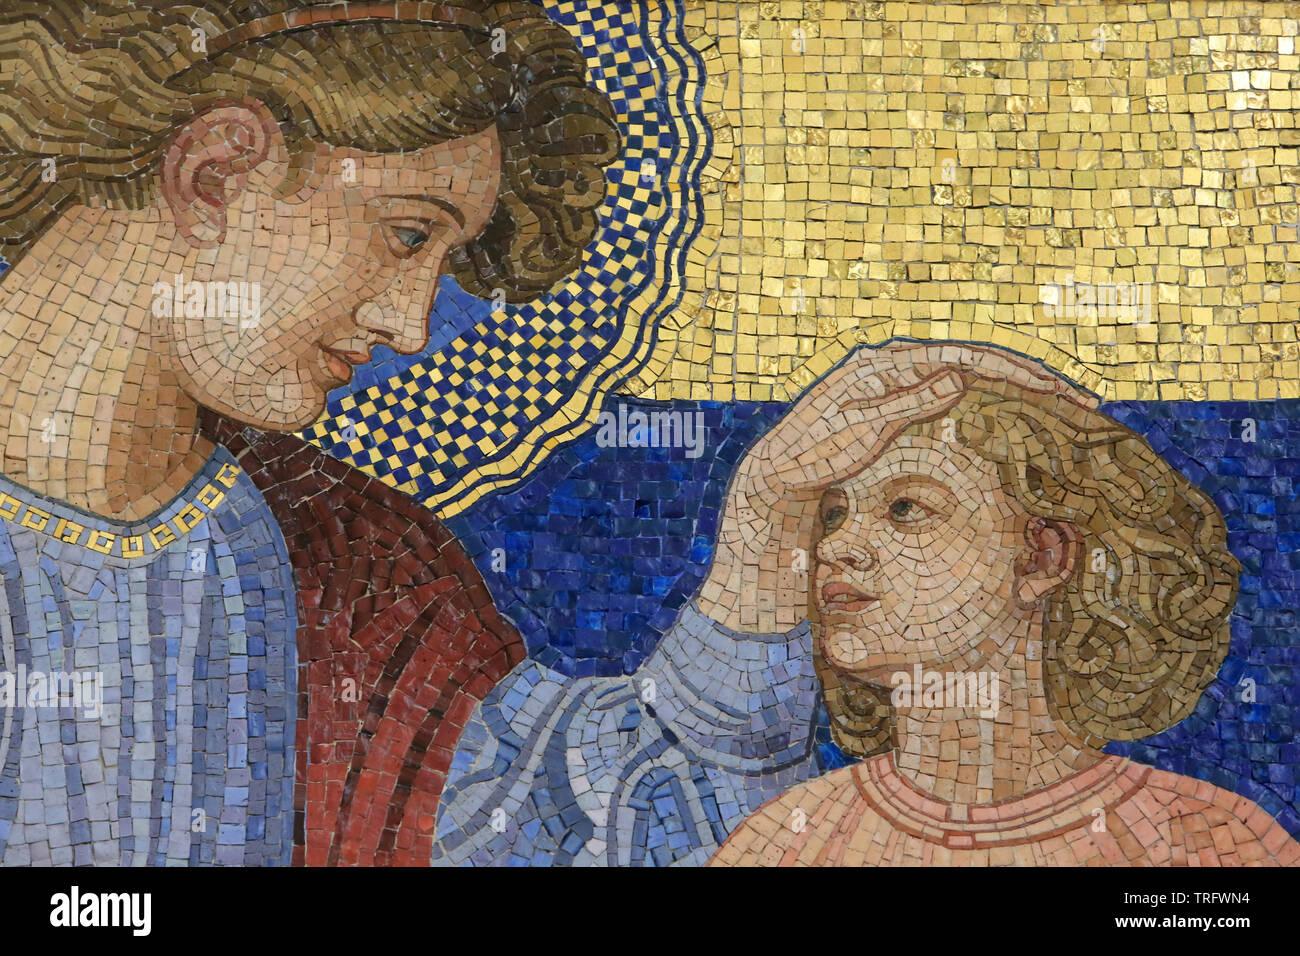 Ste. Anne. Mosaic by Rudolf Jettmar (1869-1939). Steinhof Church built by Otto Wagner between 1902 and 1907. Vienne. Autriche. Stock Photo